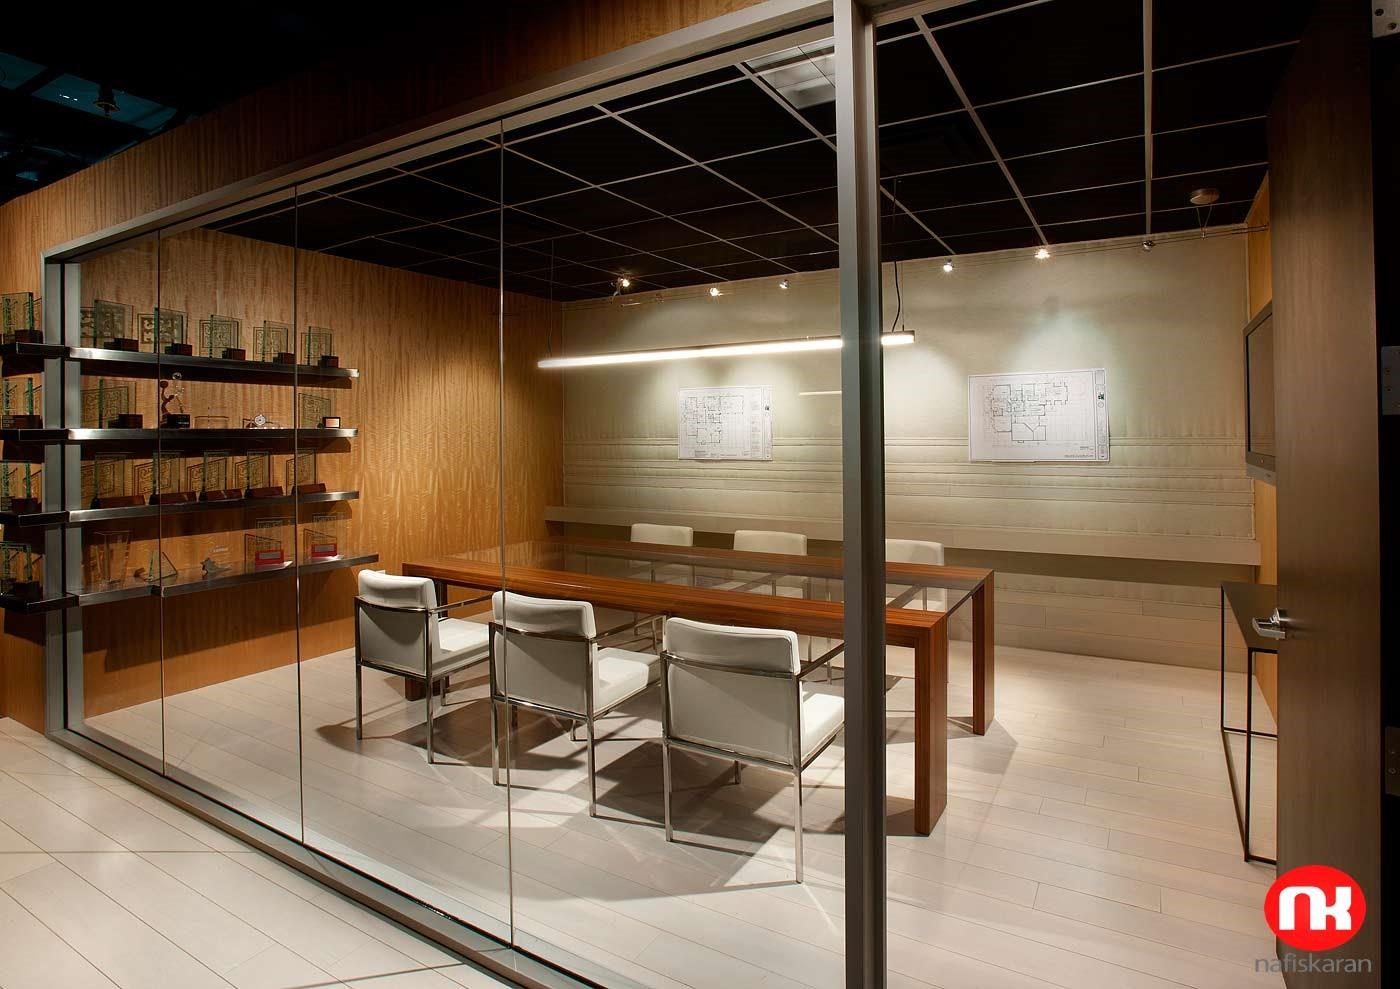 طراحی دکوراسیون دفتر وکالت | طراحی دکوراسیون اداری,دکوراسیون داخلی اداری,نورپردازی